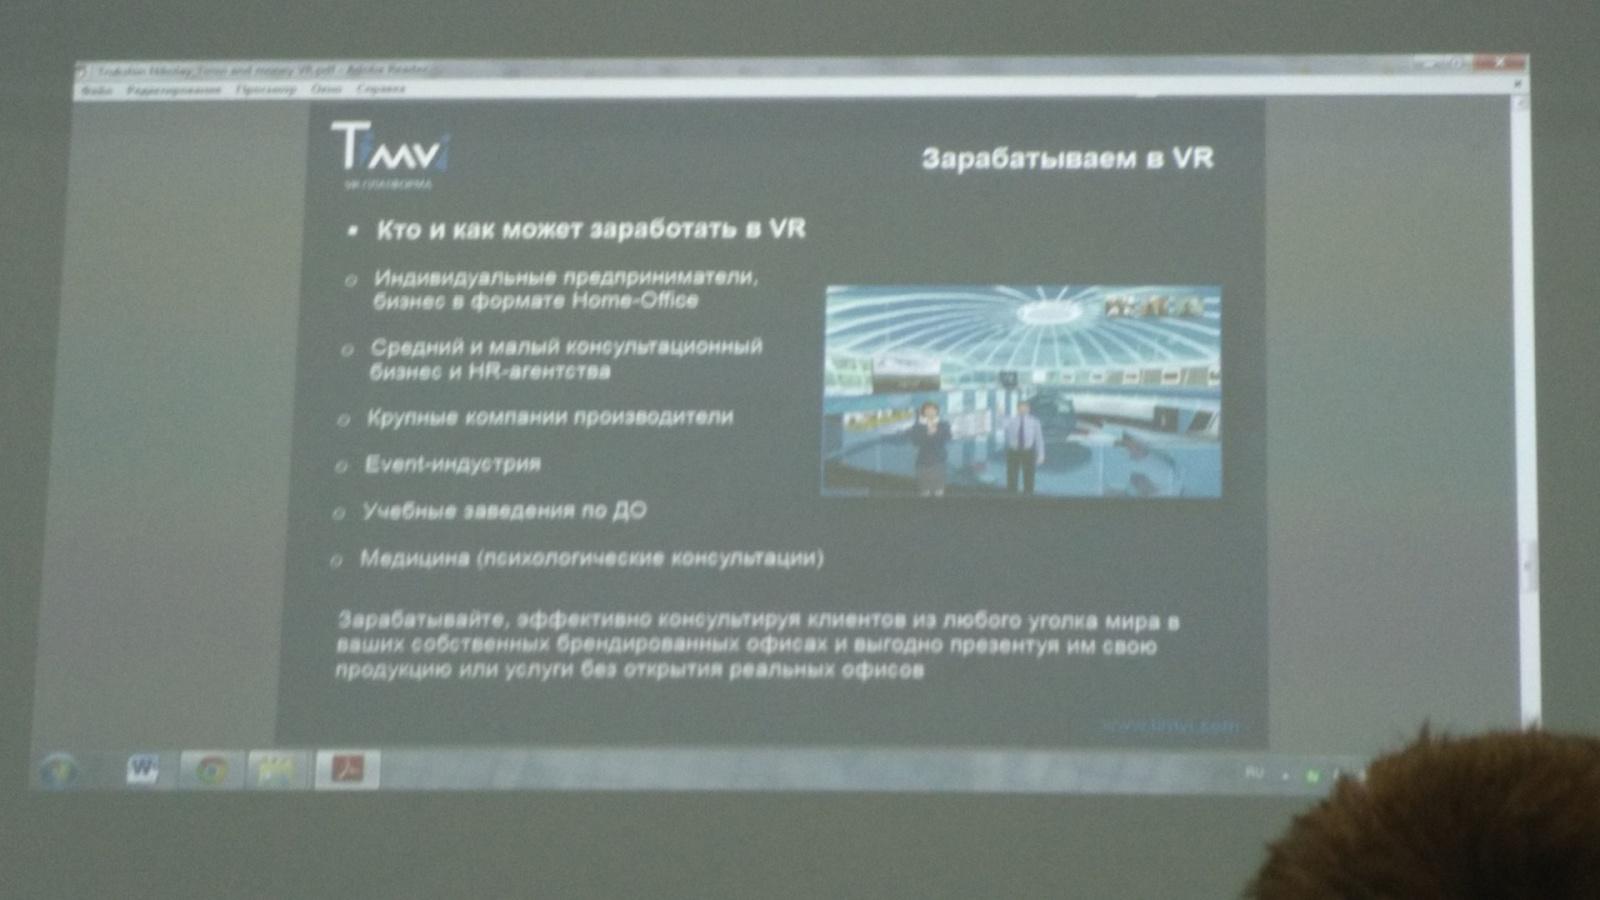 Репортаж с mixAR2015: Технологии AR&VR - 56